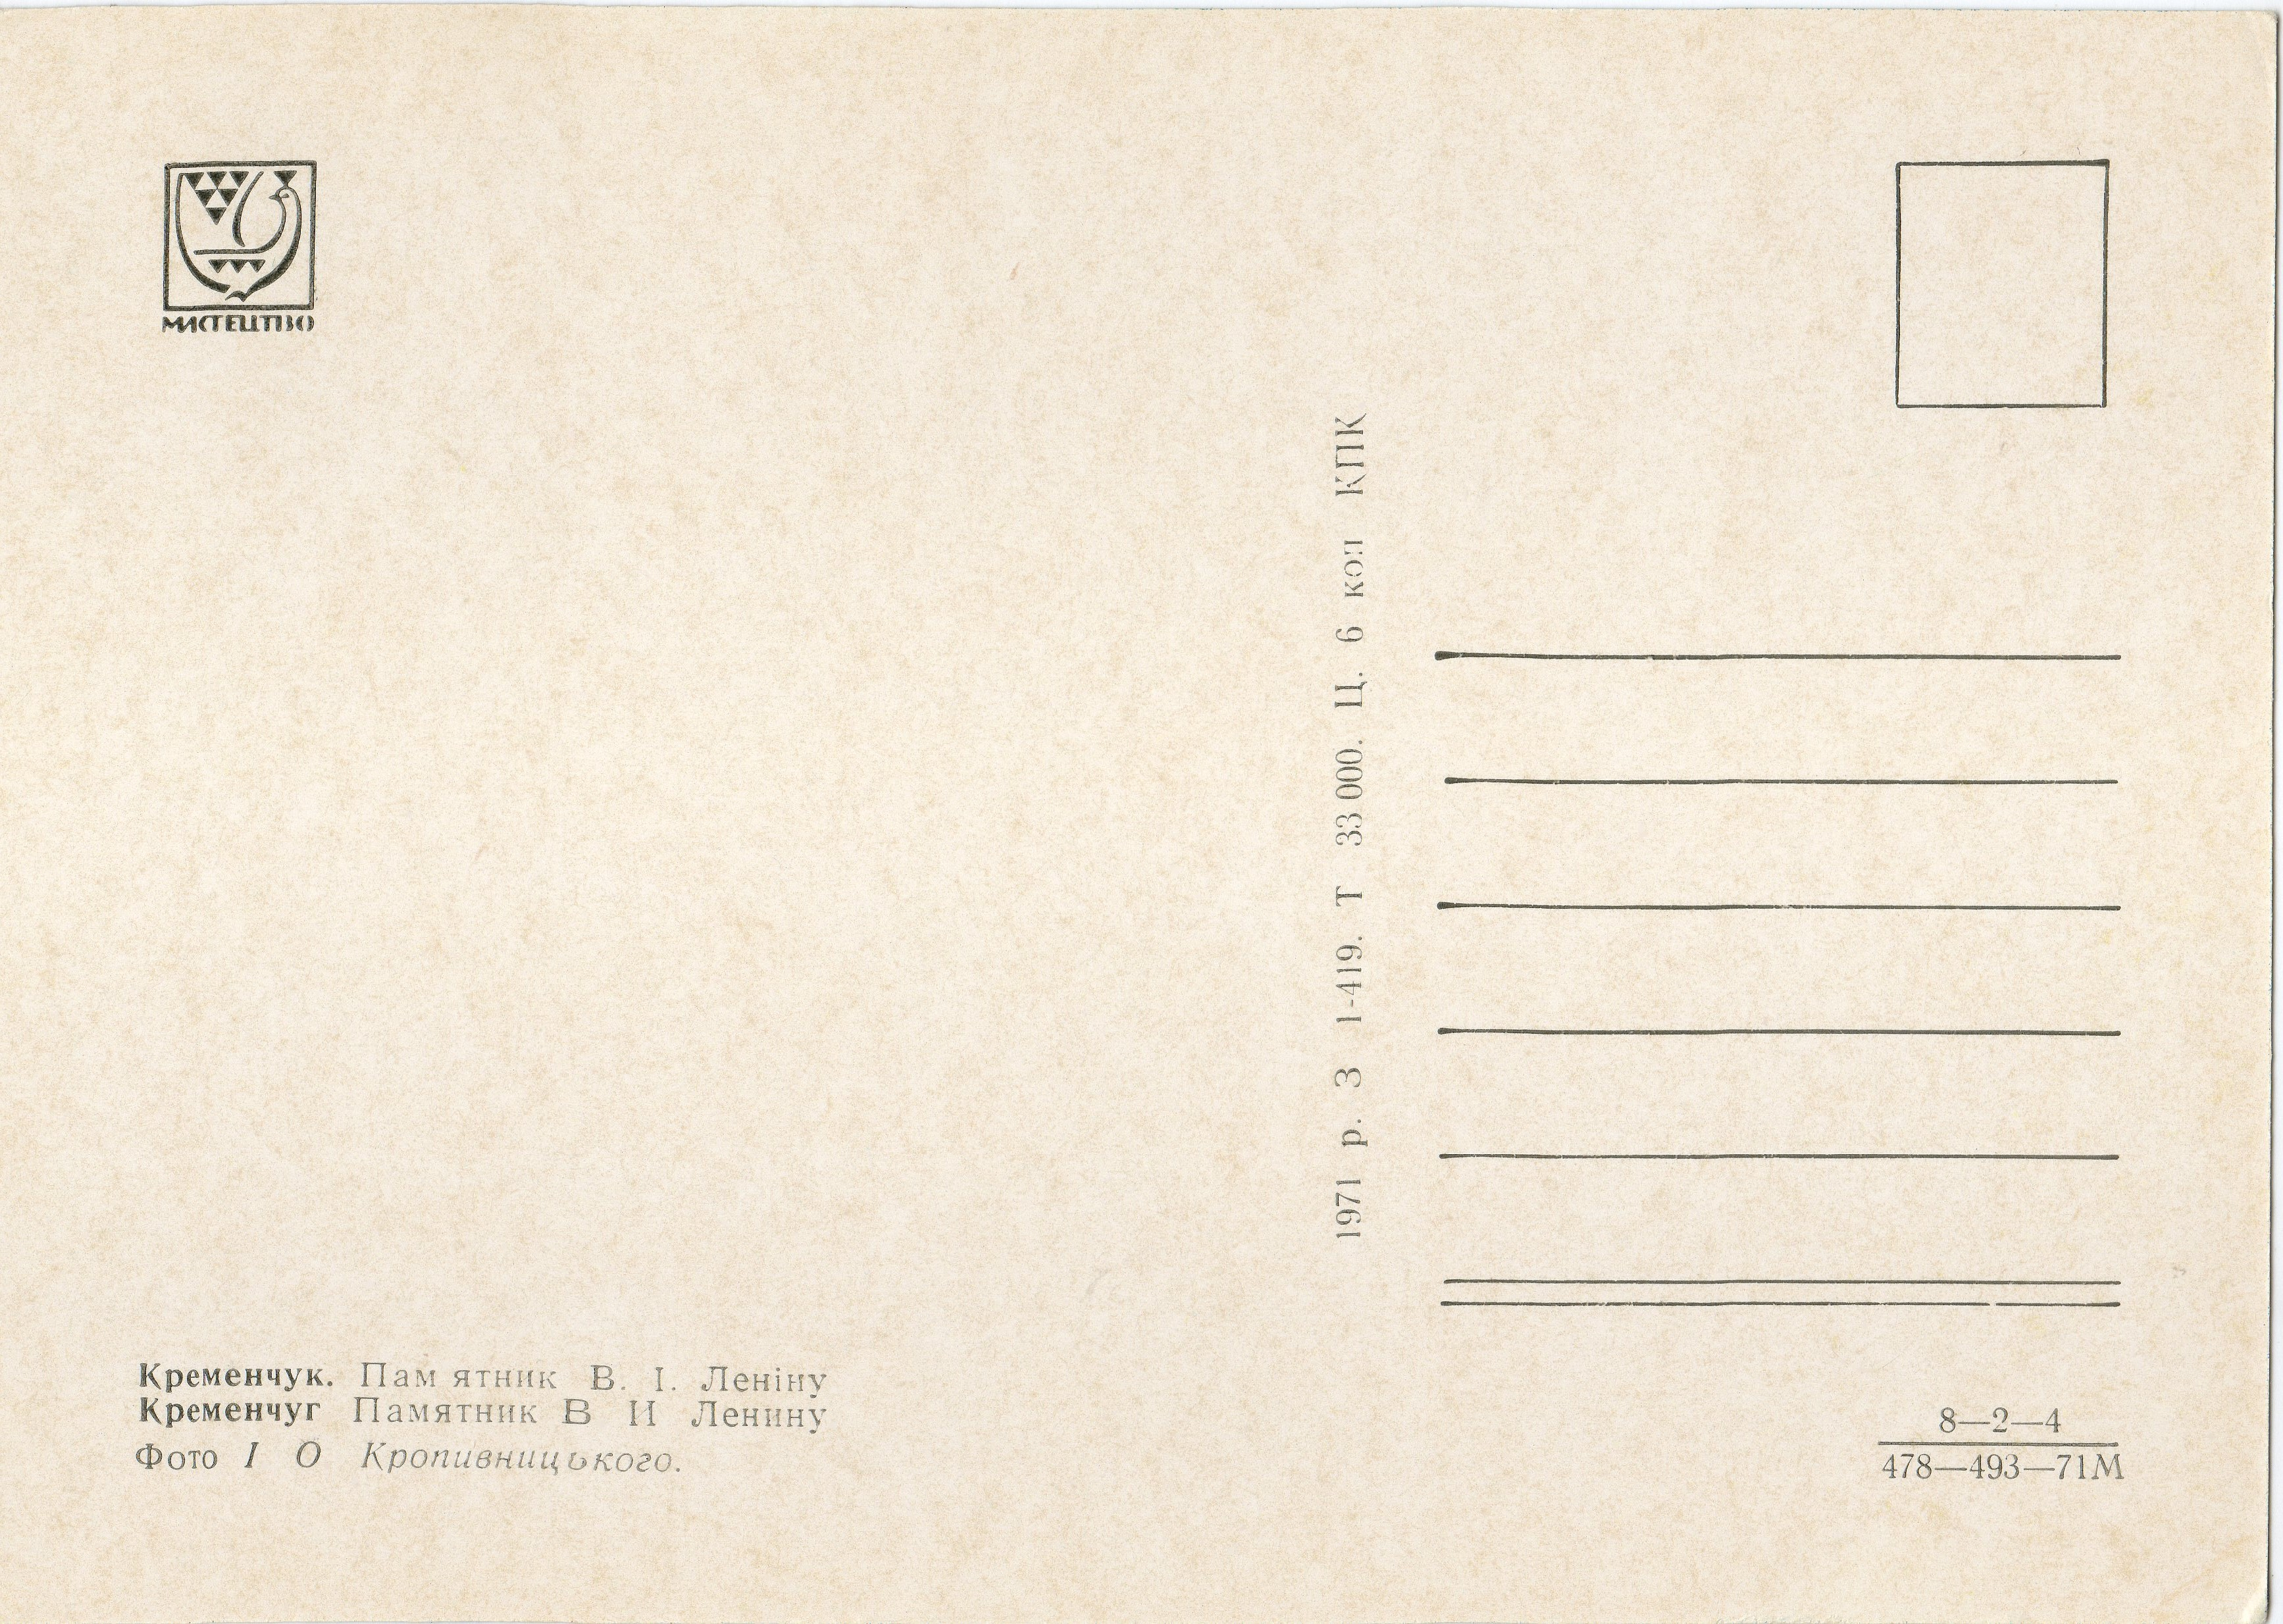 Кременчуг набор открыток